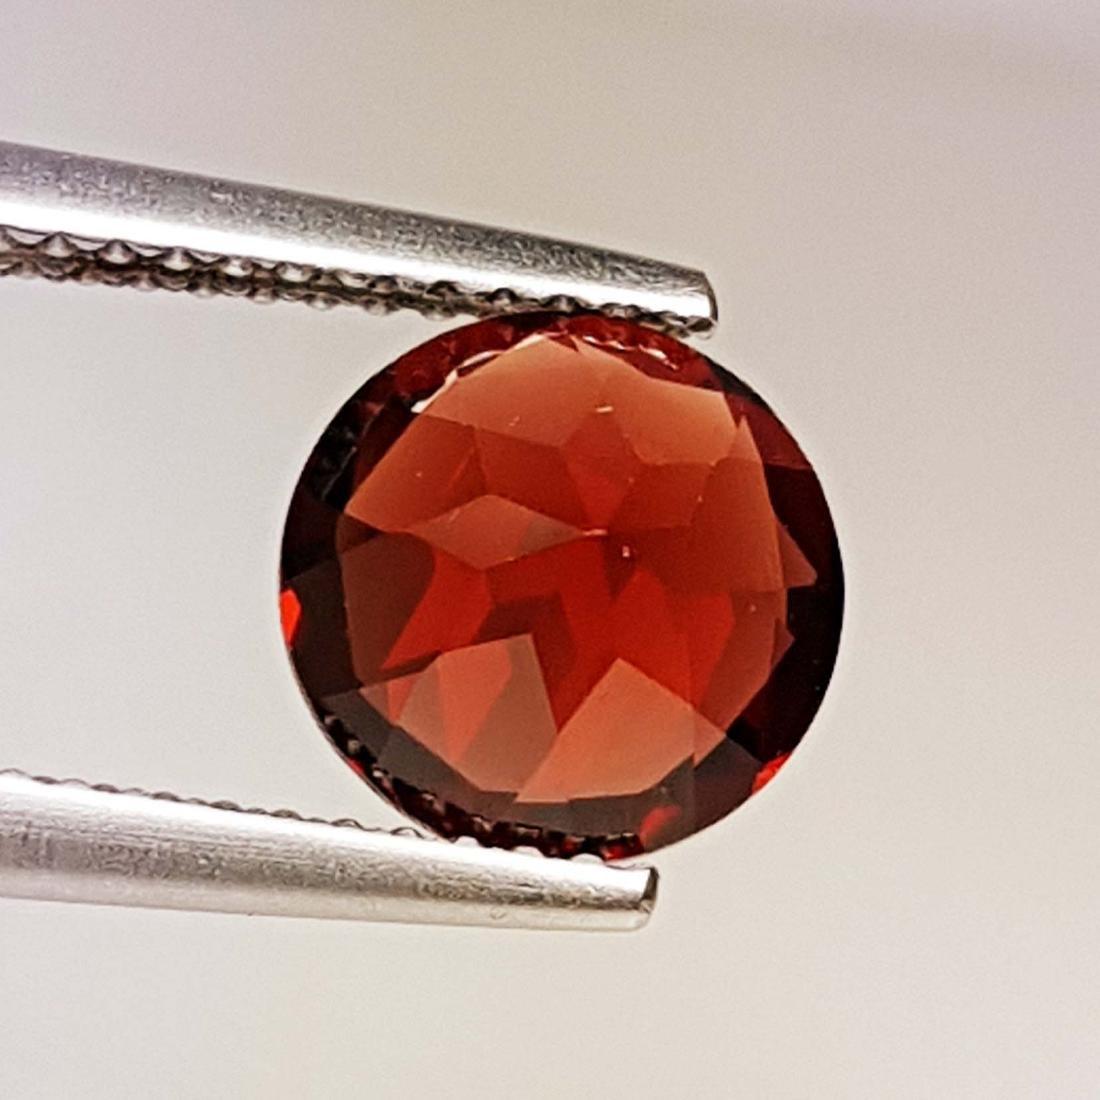 Natural Pyrope - Almandite Red Garnet - 2.10 ct - 3